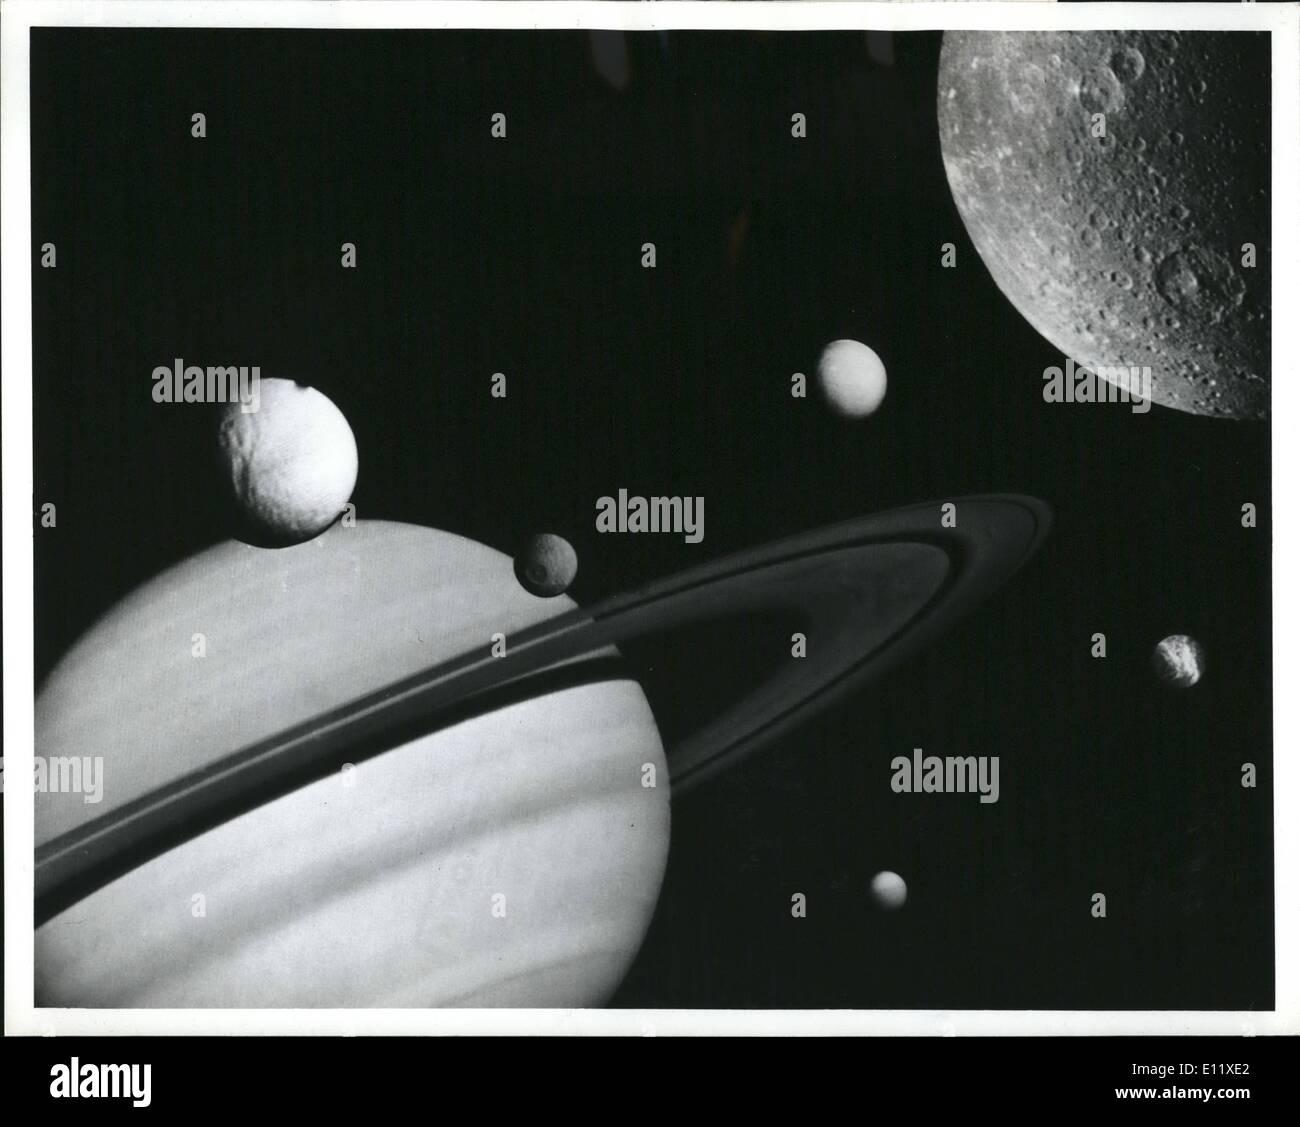 02 février 1981 - Ce montage a été préparé à partir d'images prises par la sonde Voyager de la Nasa je durant son vol à travers le système saturnines en novembre 1980. Saturne et ses anneaux dominent cette vue d'artiste, qui montre également six des 15 satellites connus de la planète. Déménagement dans le sens horaire à partir de la droite, cette vue montre Téthys et criblée de justesse est avant de la planète, cette vue montre Téthys et criblée de mises en face de la planète, enceledus en face des anneaux, Dione au premier plan à gauche, le nandou off le bord gauche des rois, et titan dans son orbite lointaine en haut Photo Stock